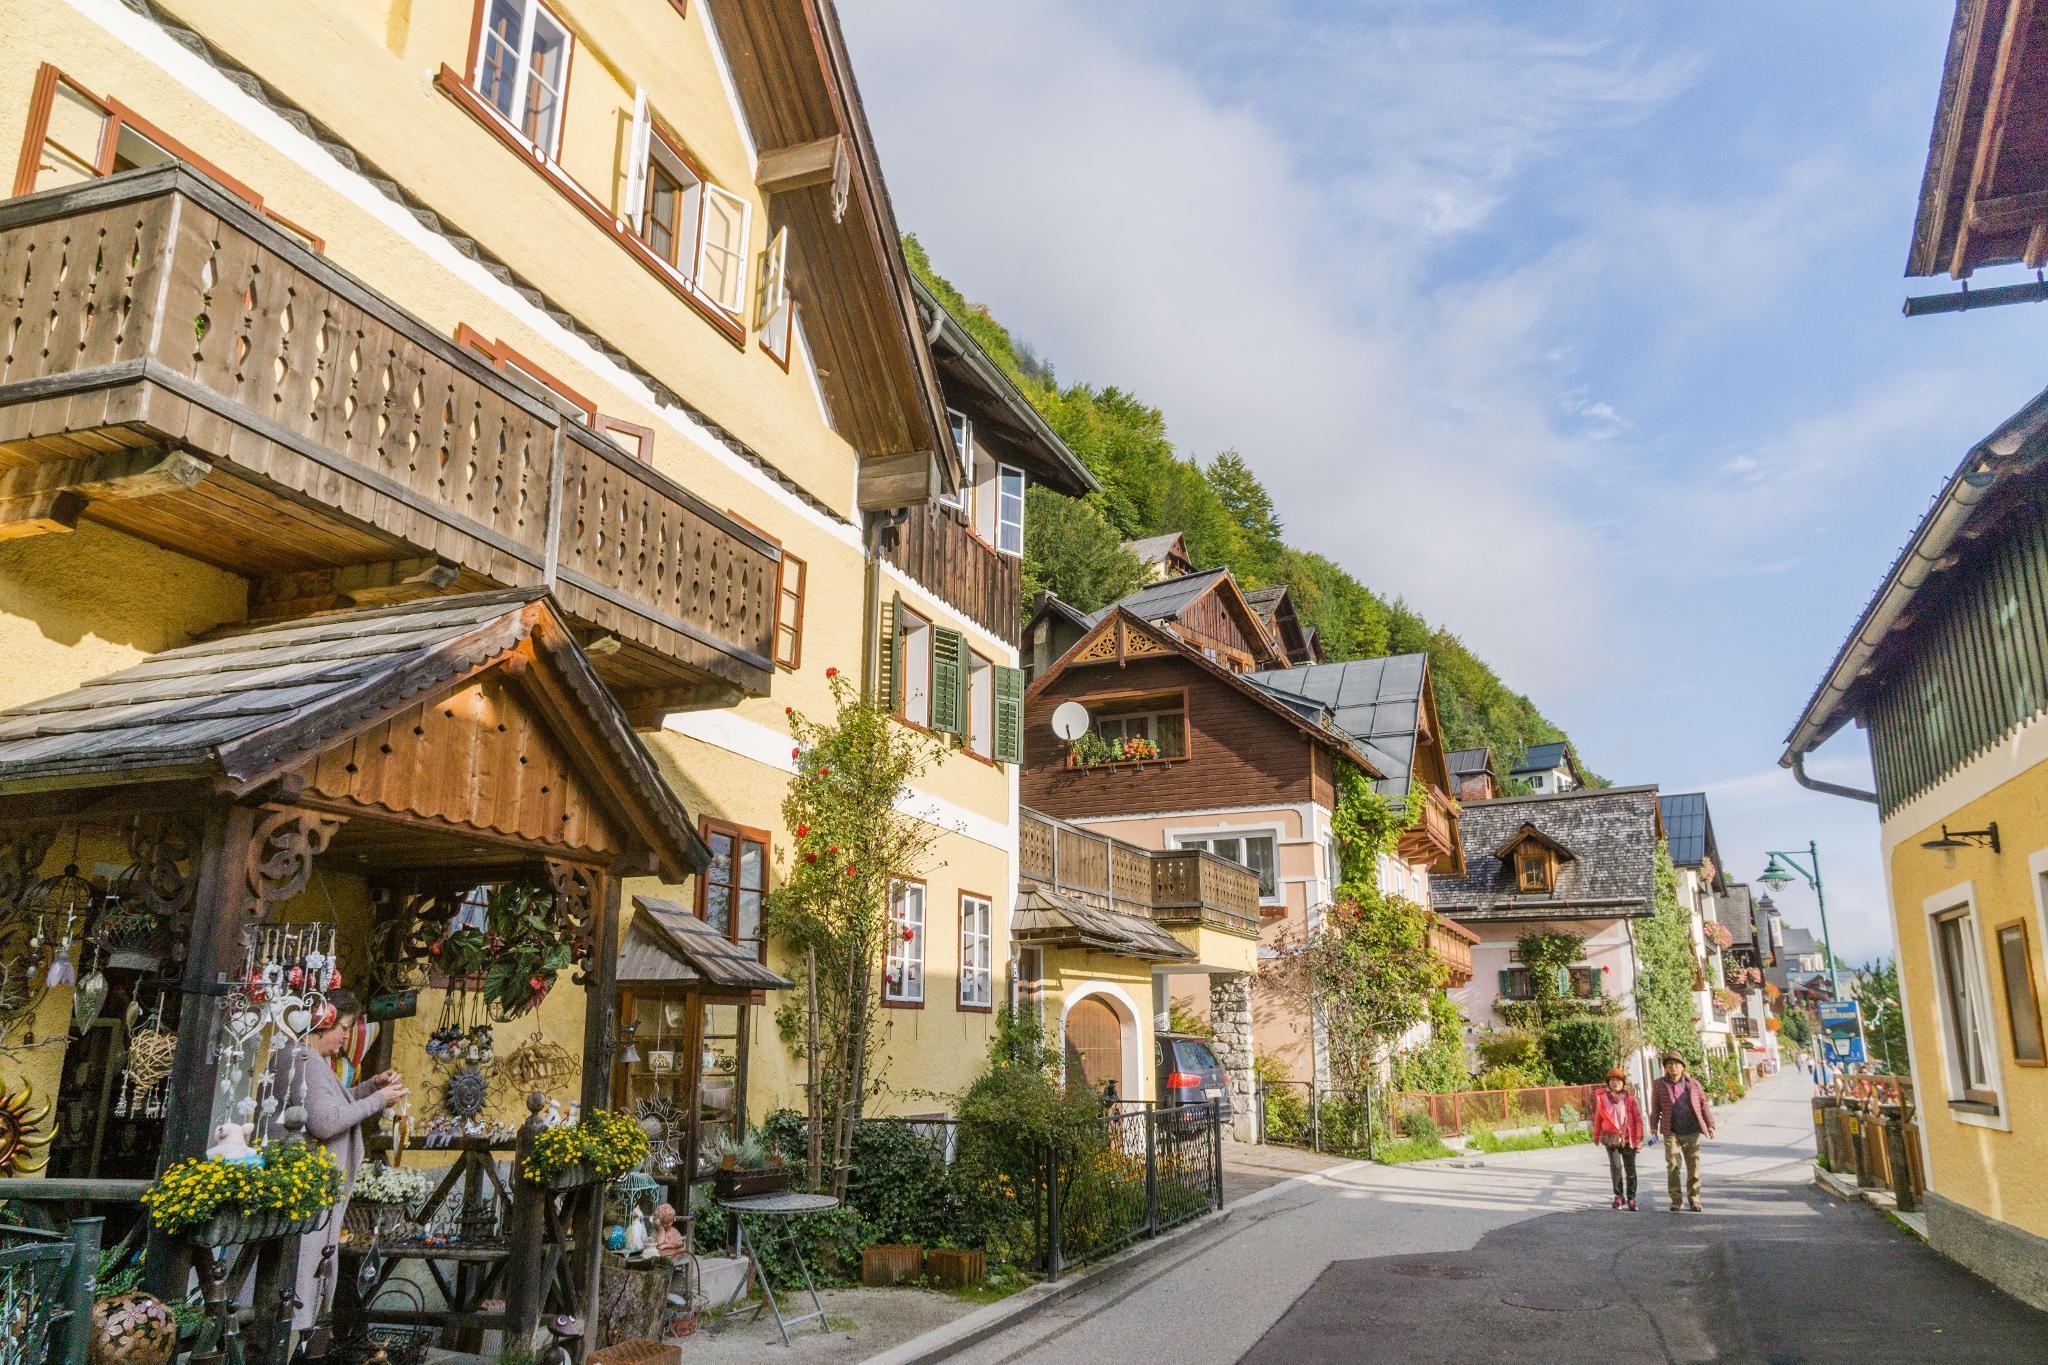 【奧地利】童話仙境 Hallstatt 哈修塔特 — 追逐世界遺產小鎮的夢幻黃金日出 22